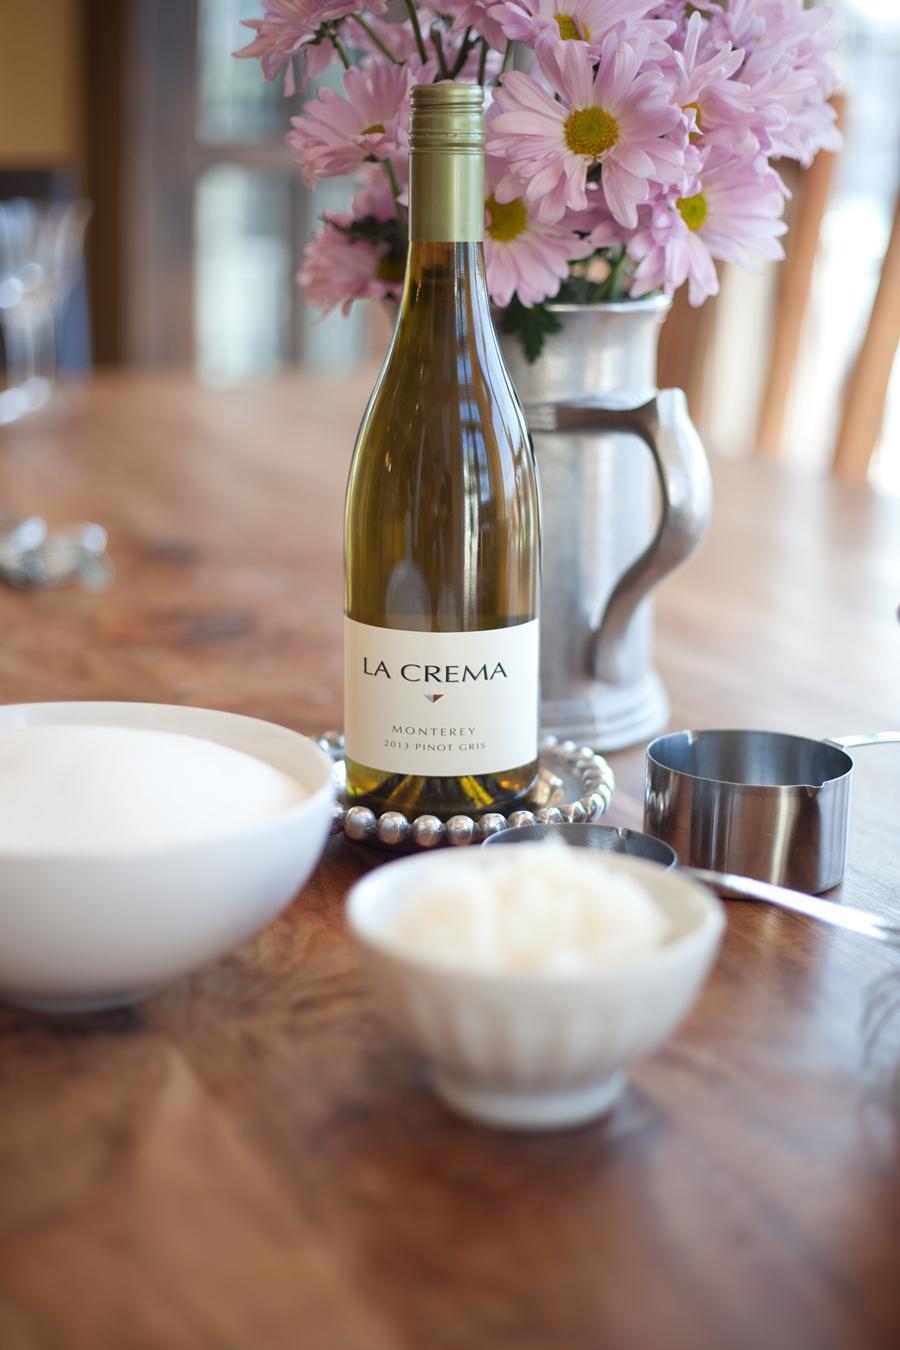 Essential ingredients. (Note: Wine makes DIYs more fun)